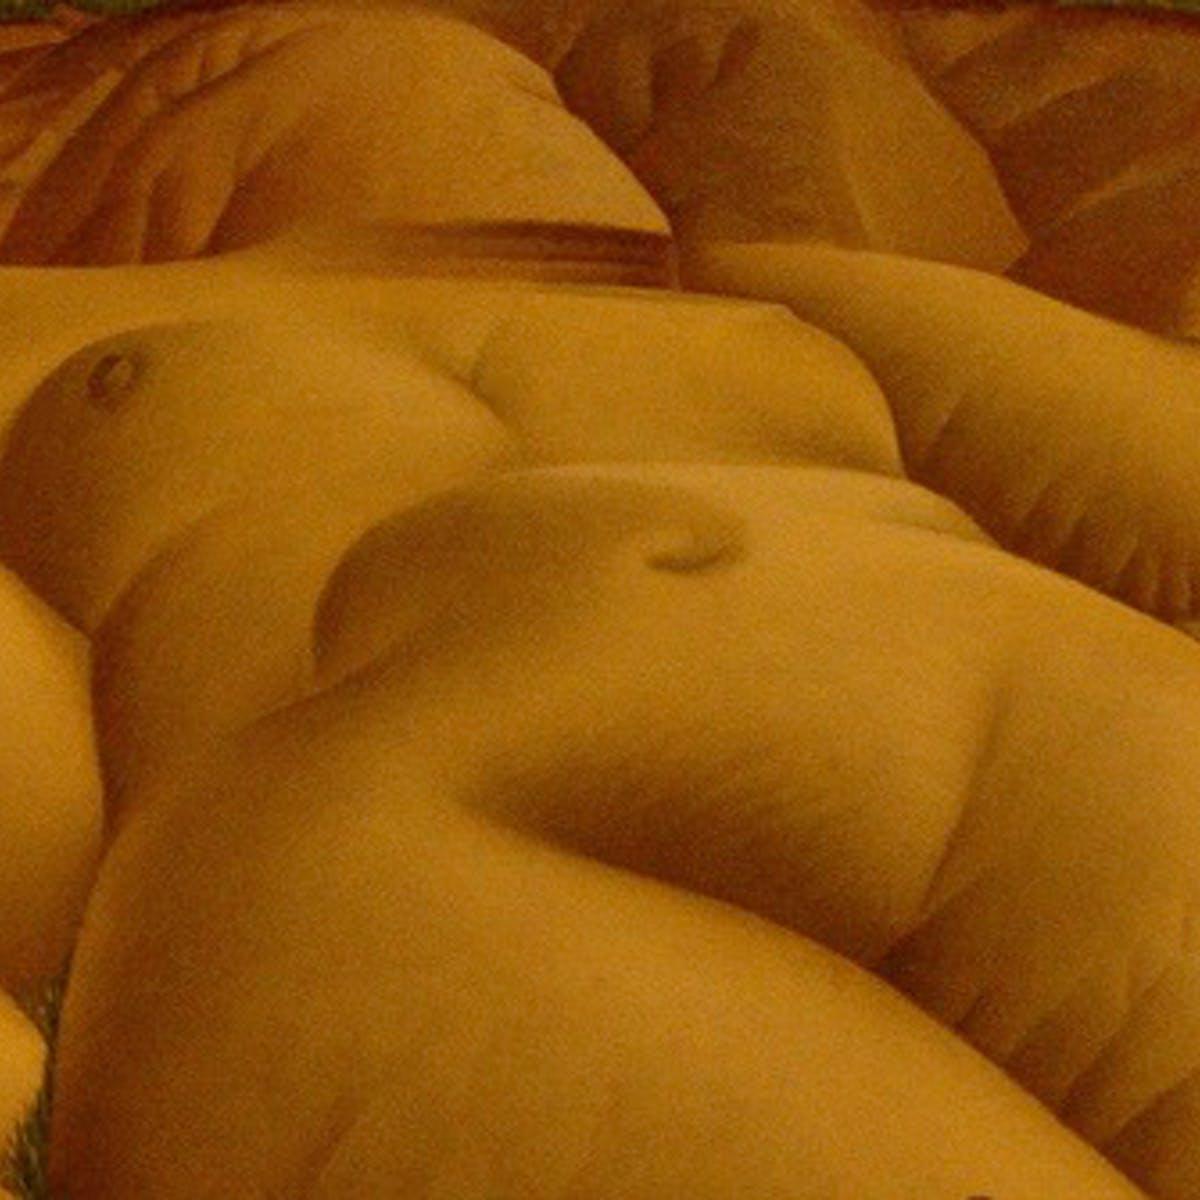 �Necesidad desnuda? Implicaciones para la salud p�blica de eliminar el vello p�bico